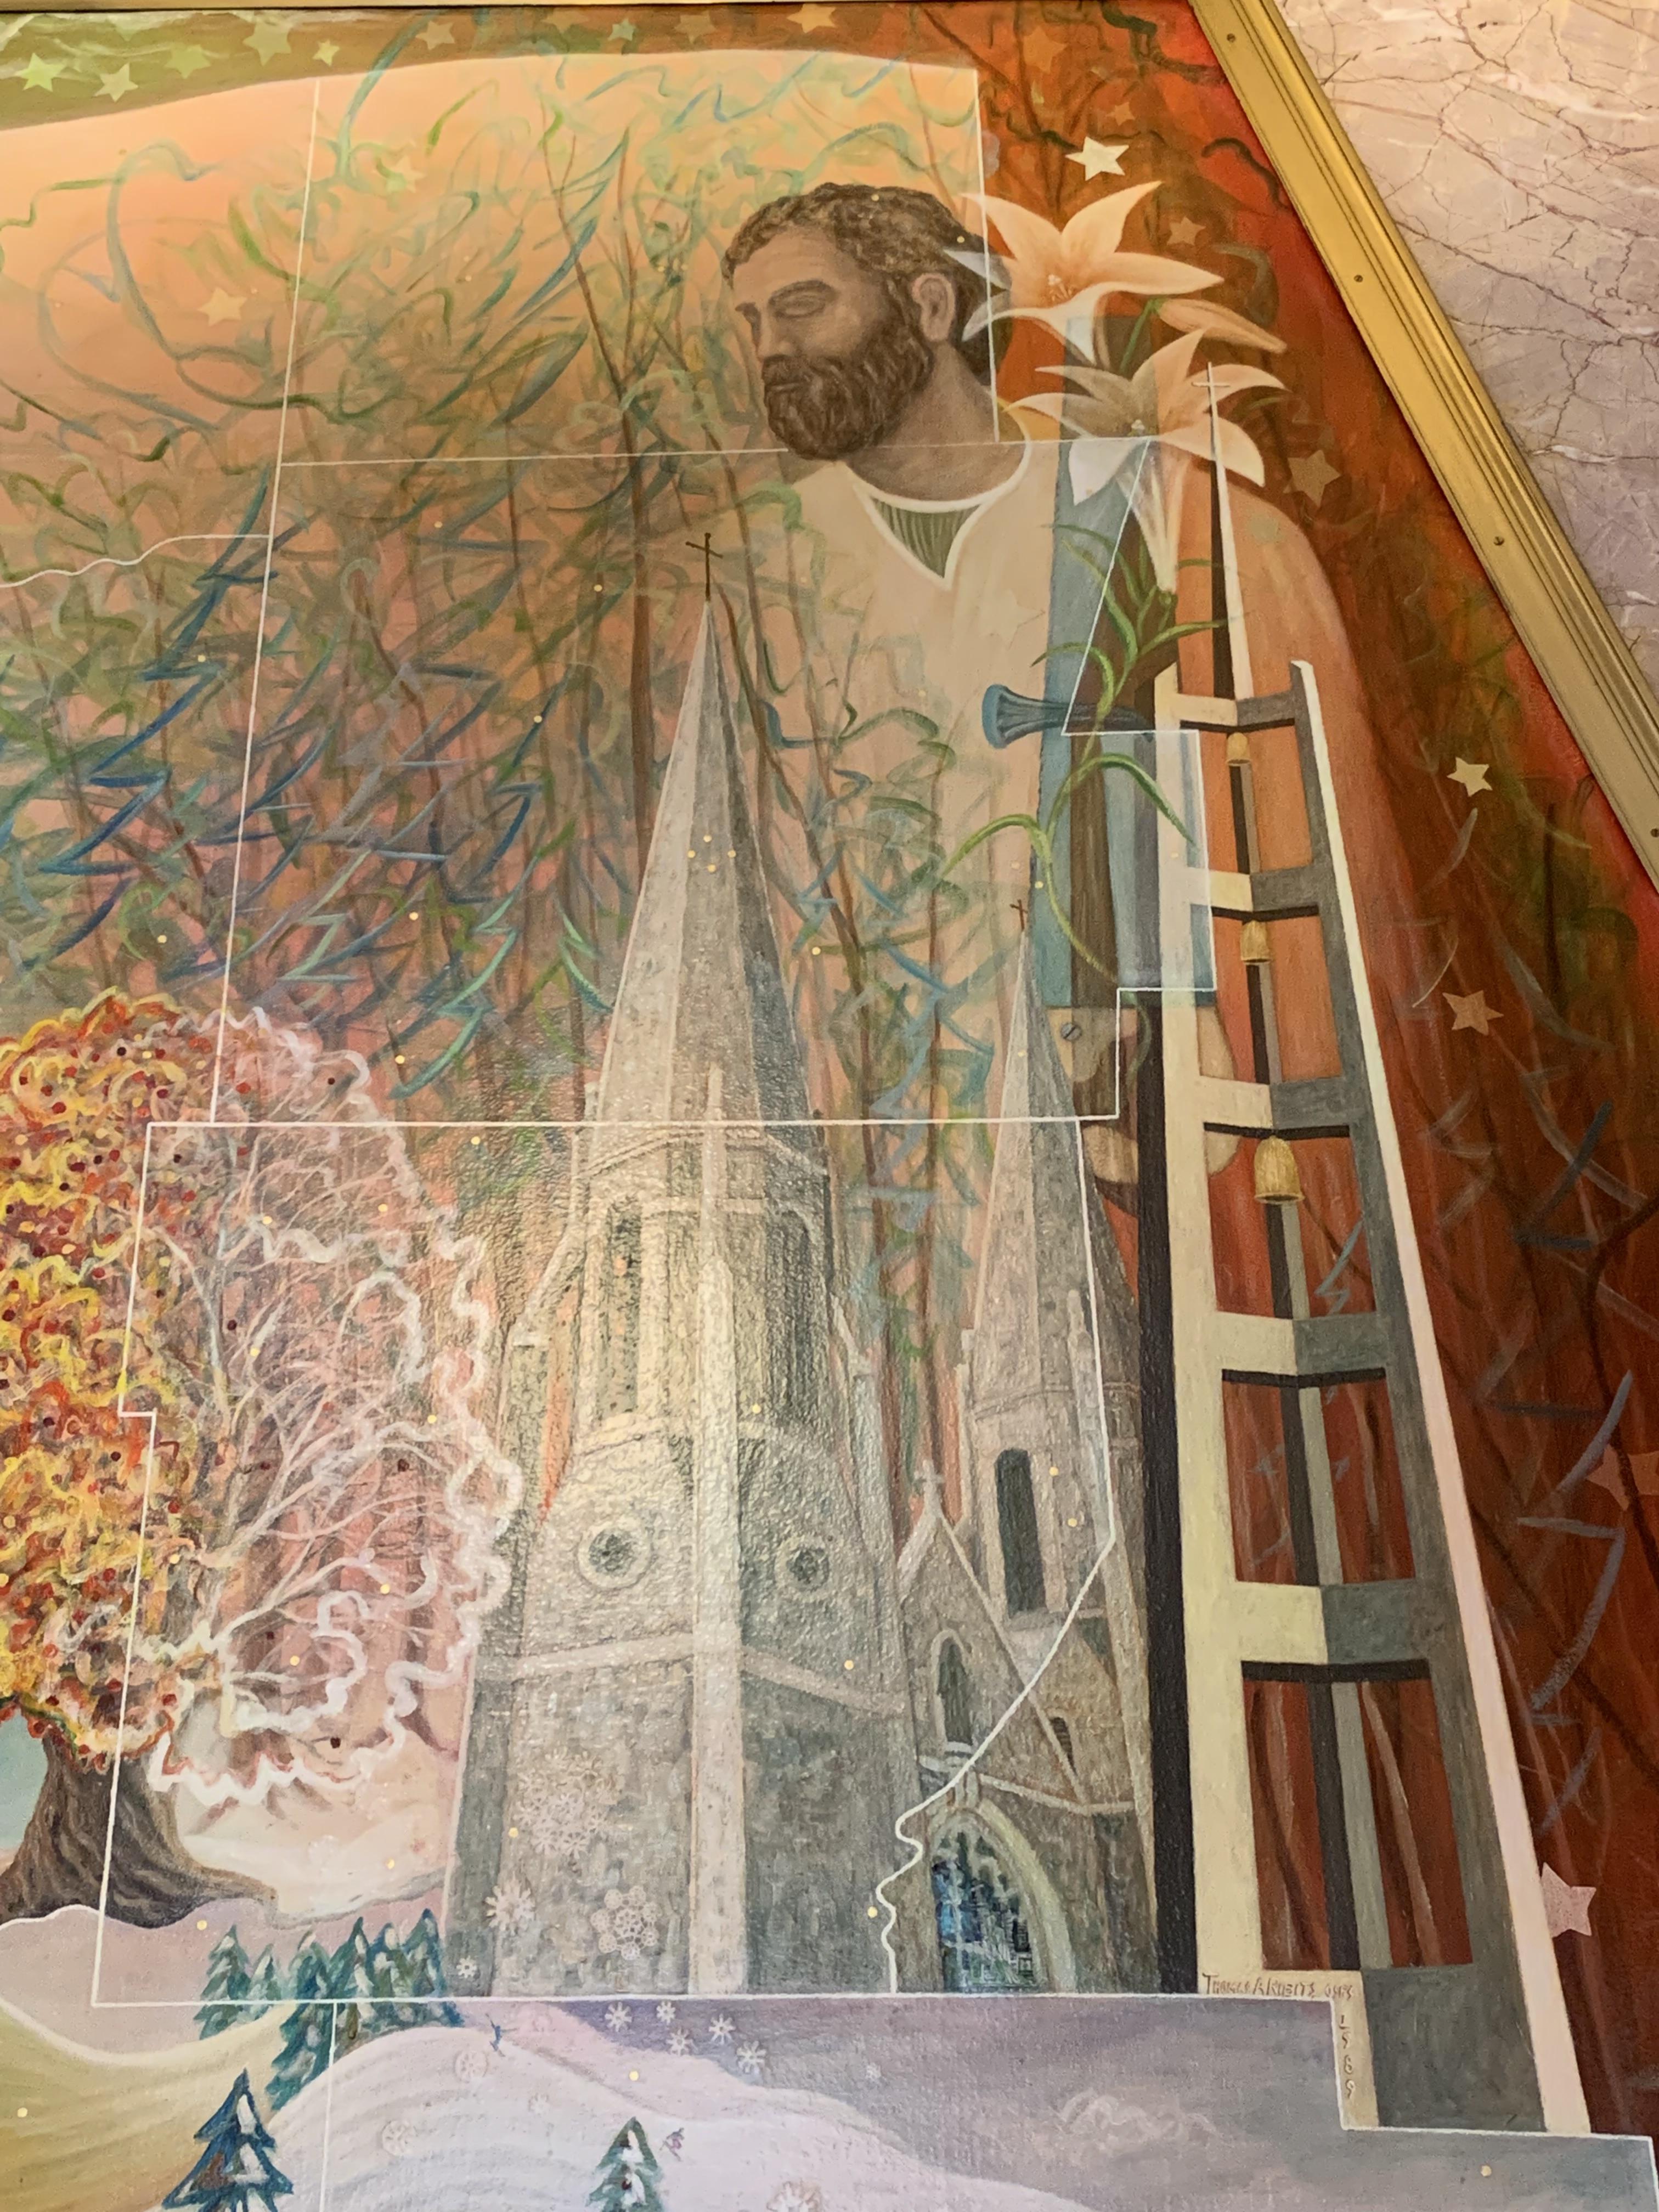 St. Joseph in Mural.jpg